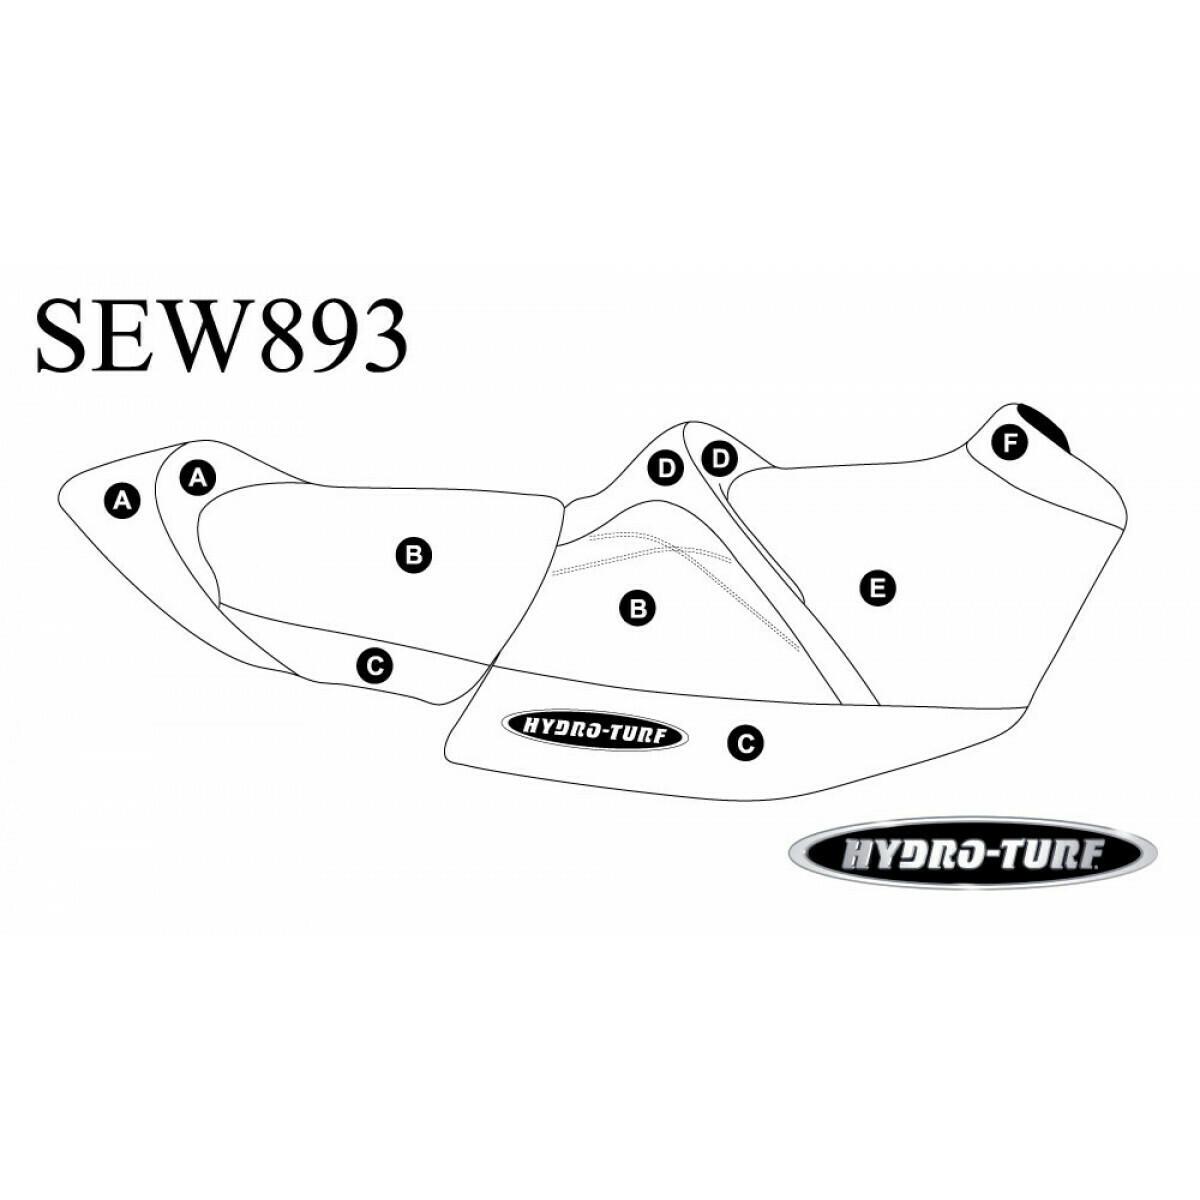 HYDROTURF STANDARD - SEADOO - RXT 230, RXT-X 300 & Wake Pro 230 (18-20)